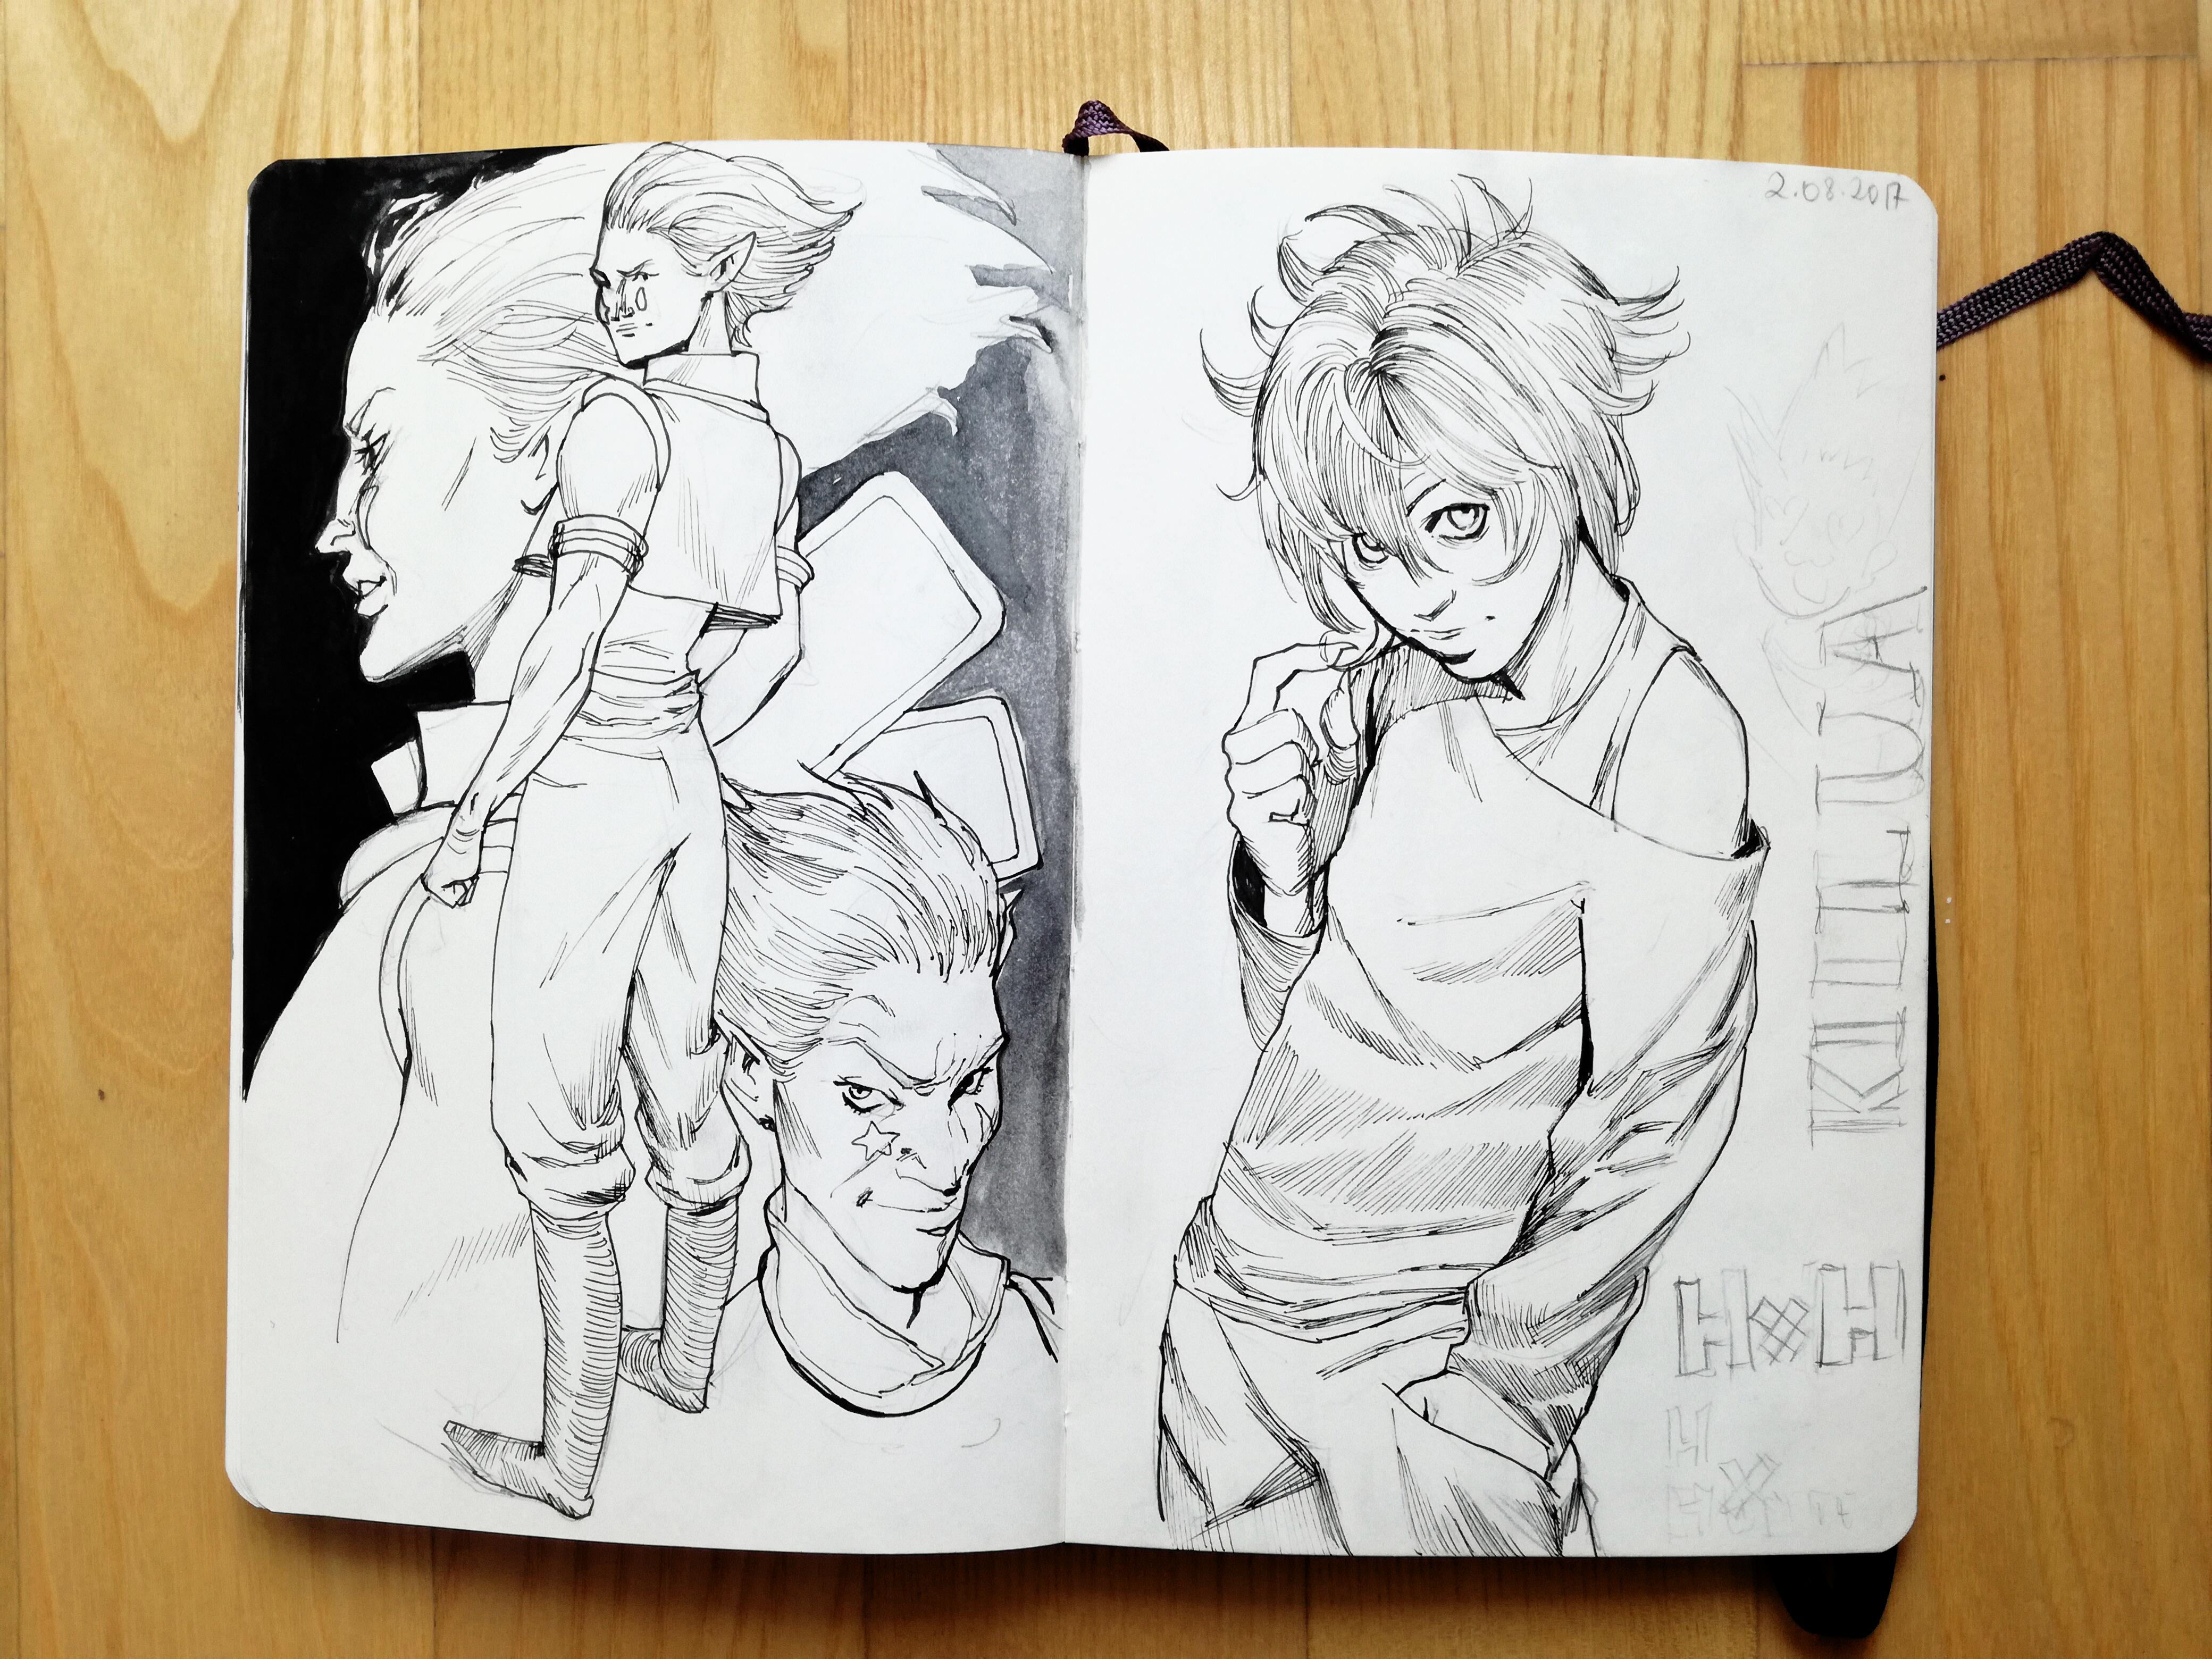 Hisoka and Killua